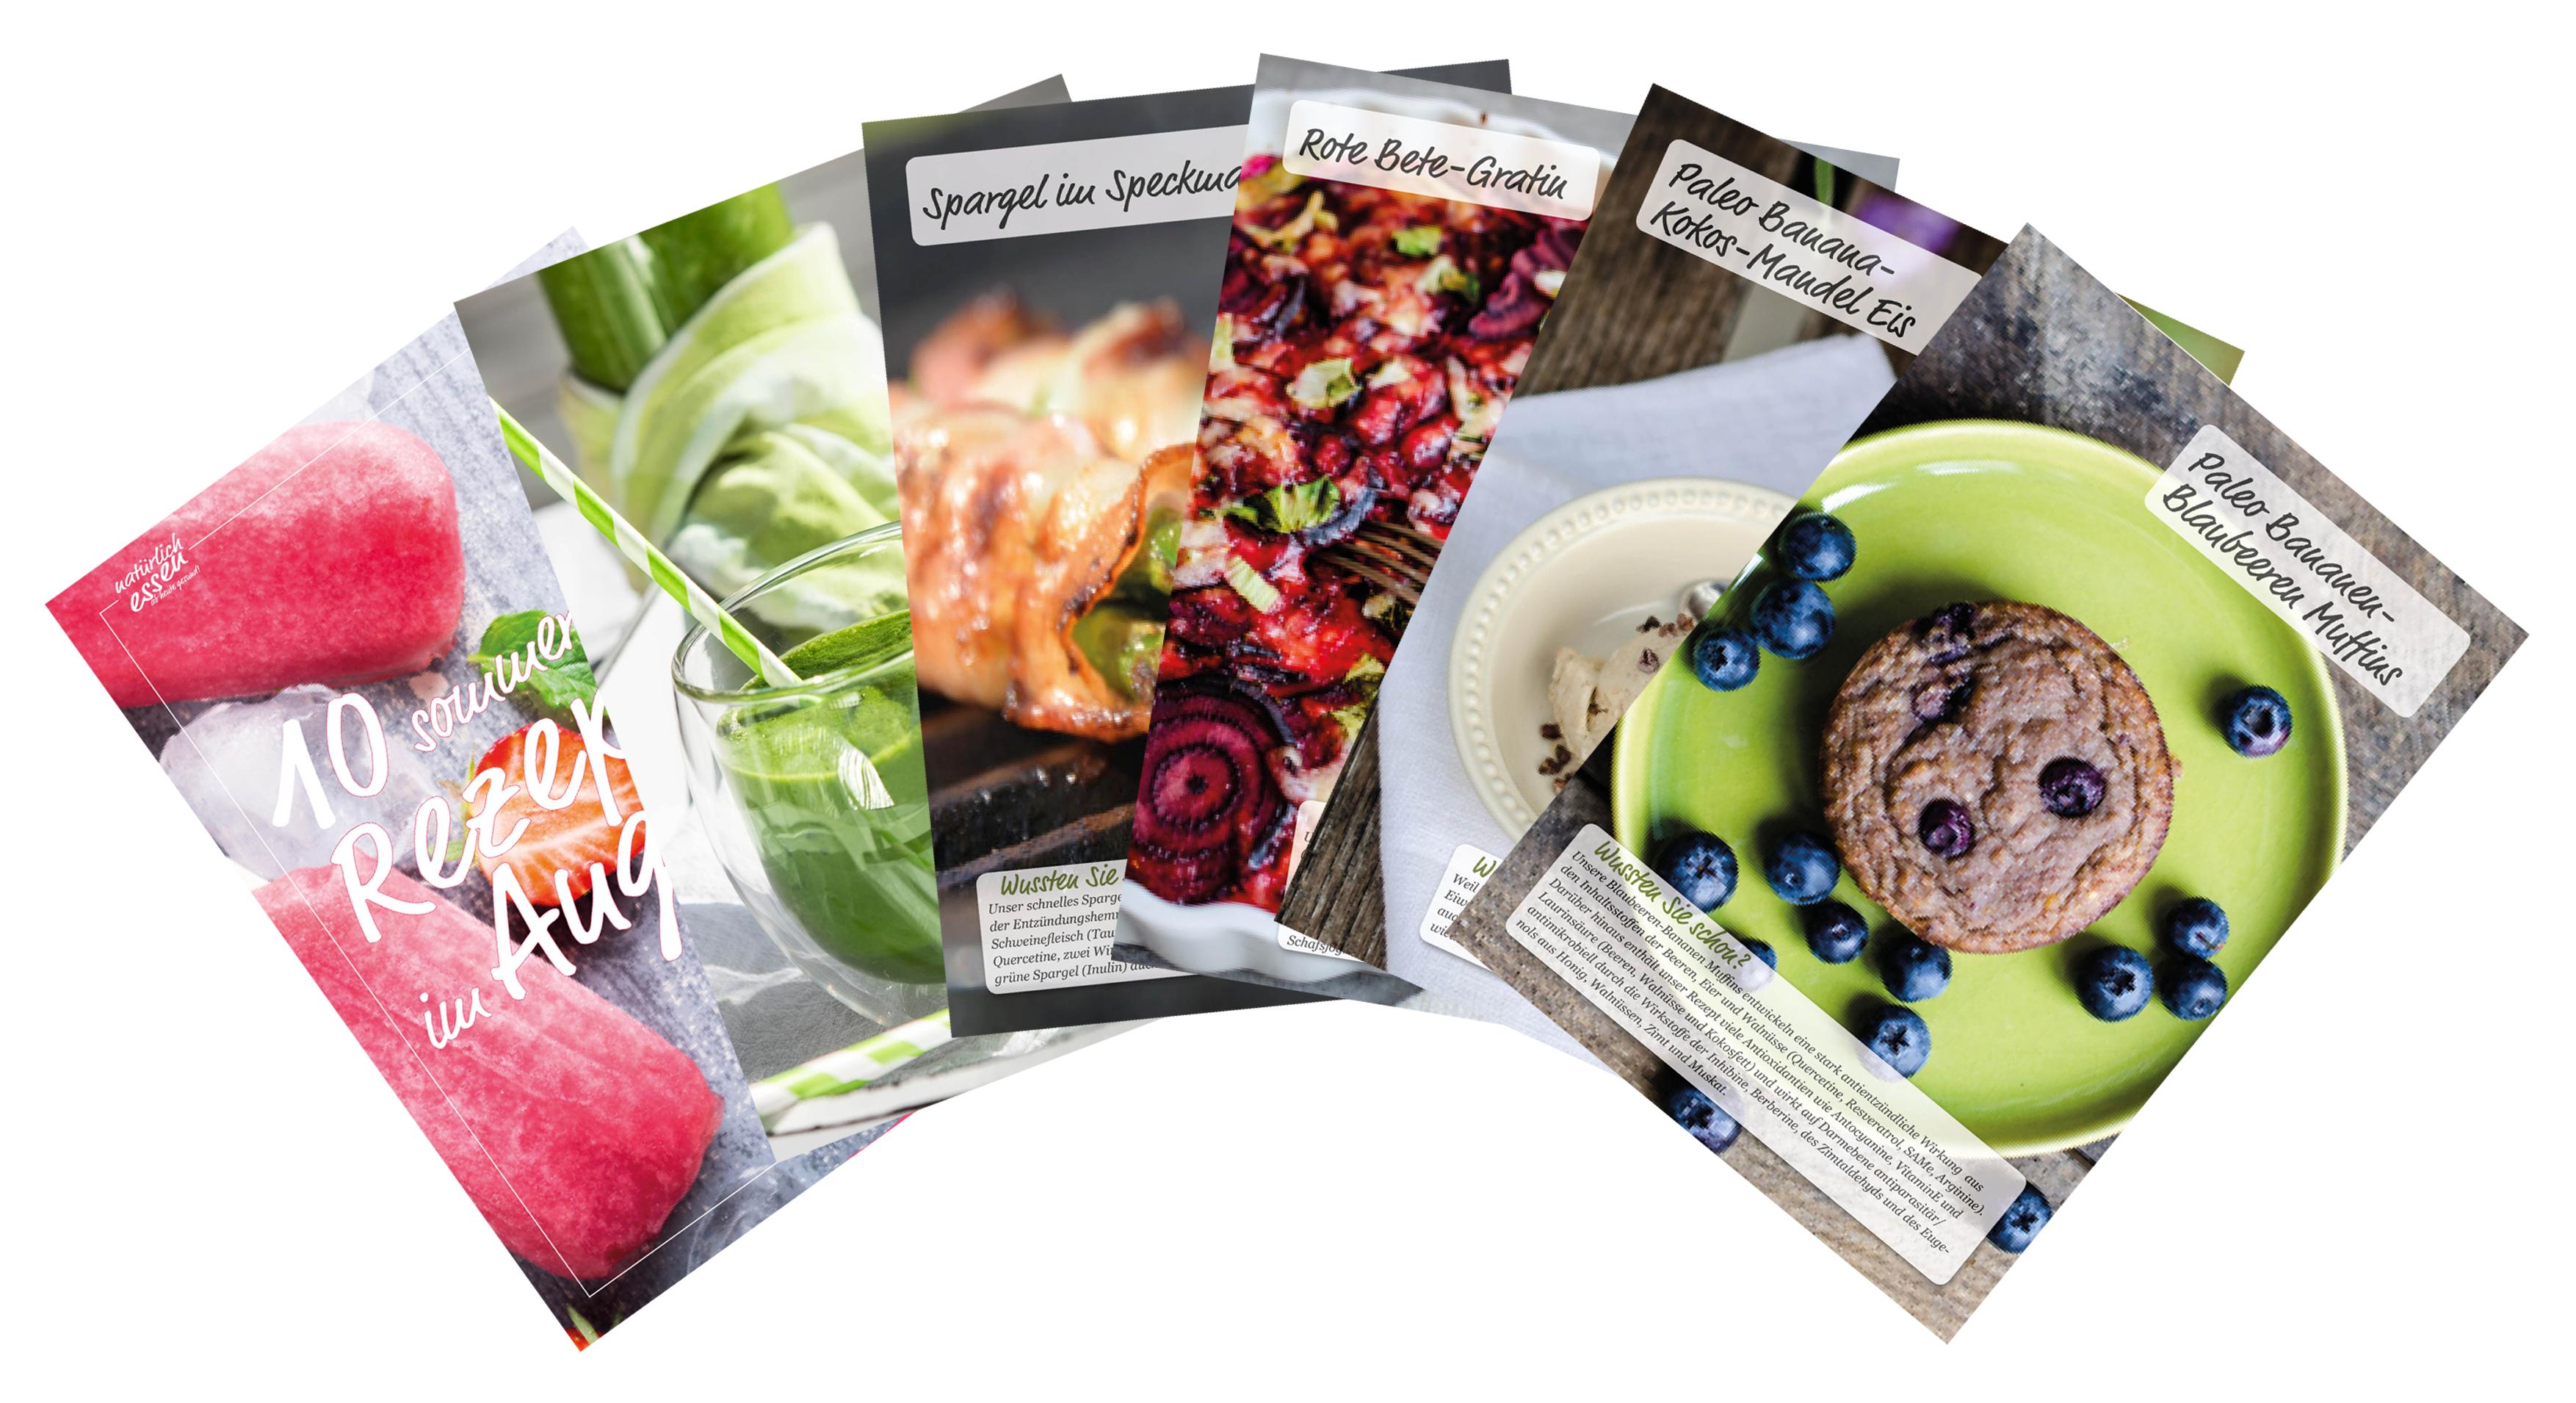 Gesunde Sommerküche Rezepte : Sommerliche rezepte im august natürlich essen ab heute gesund